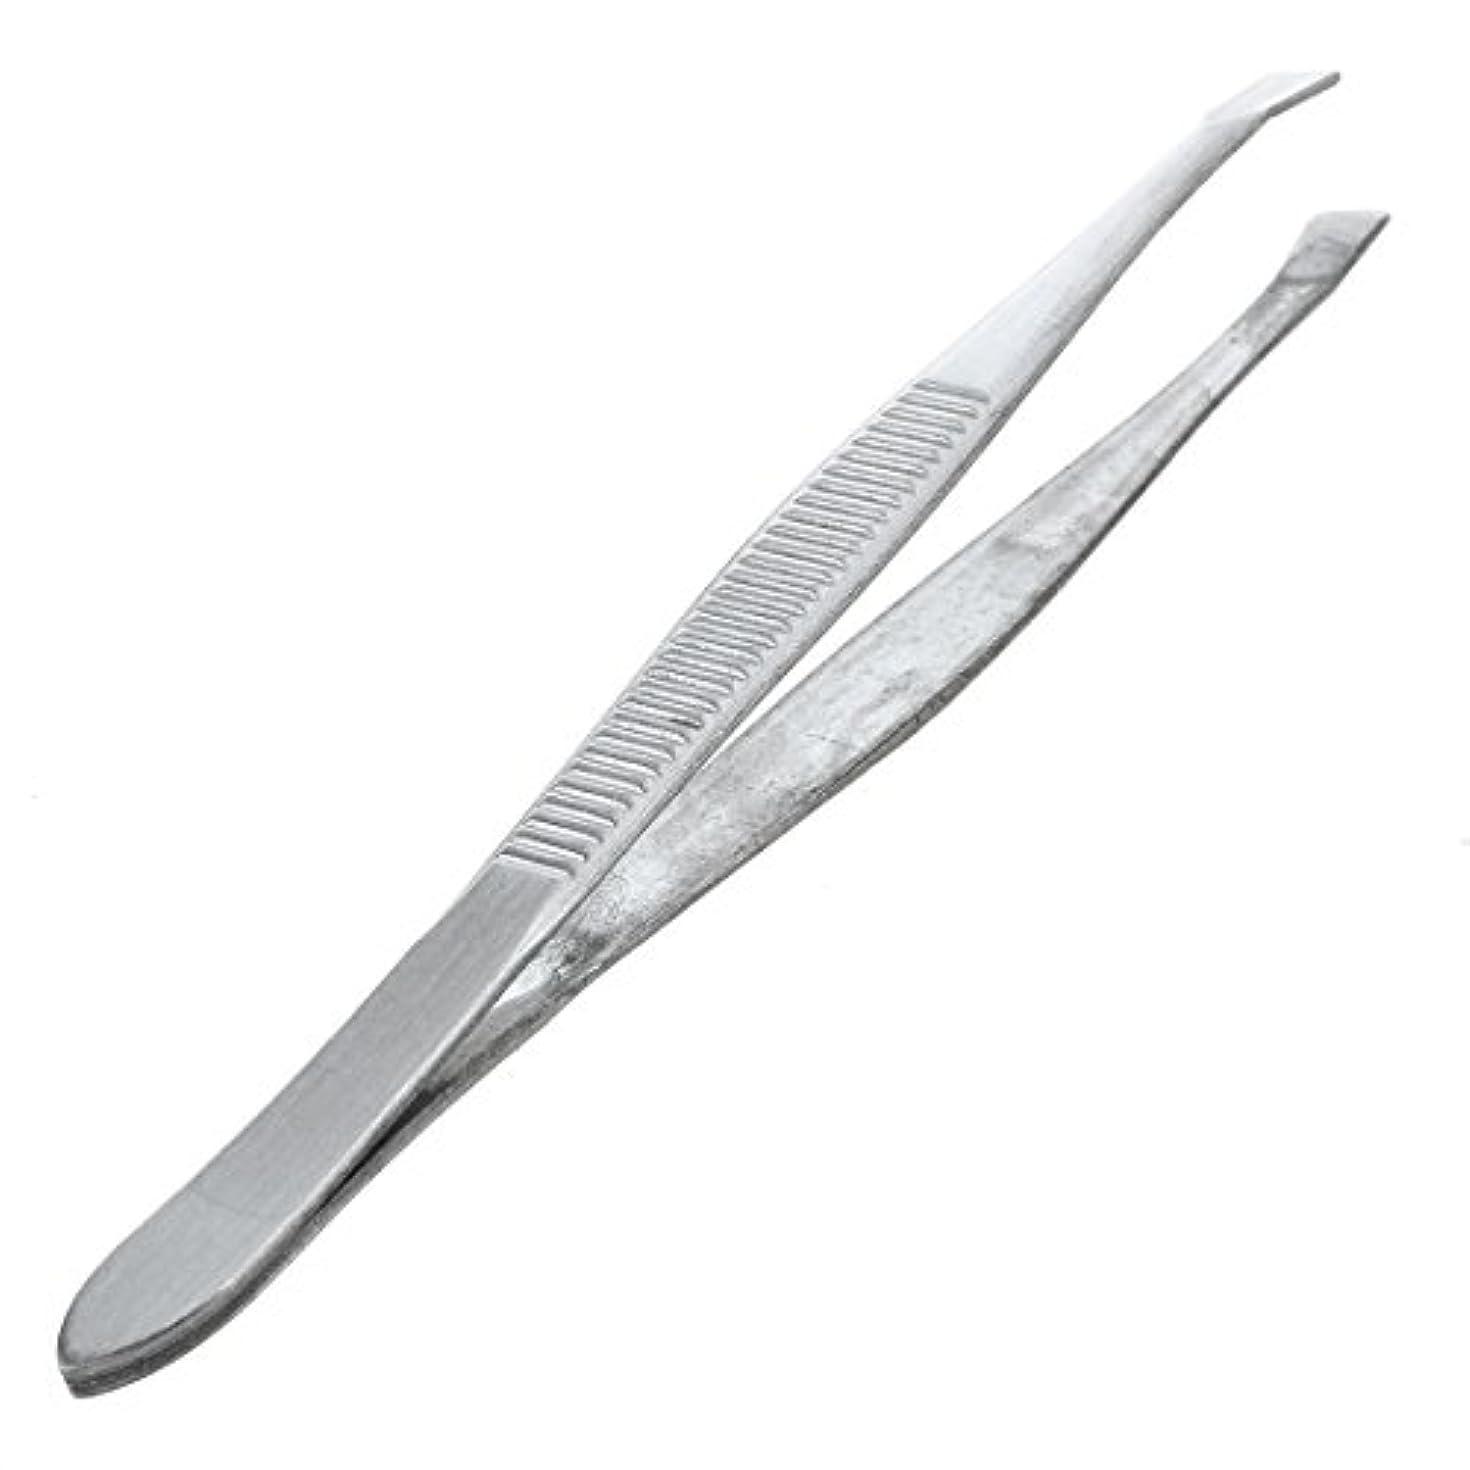 ギャングスター発行する呼び起こすACAMPTAR 眉毛ピンセット 脱毛チップ 炭素鋼 傾斜 9cm シルバーカラー